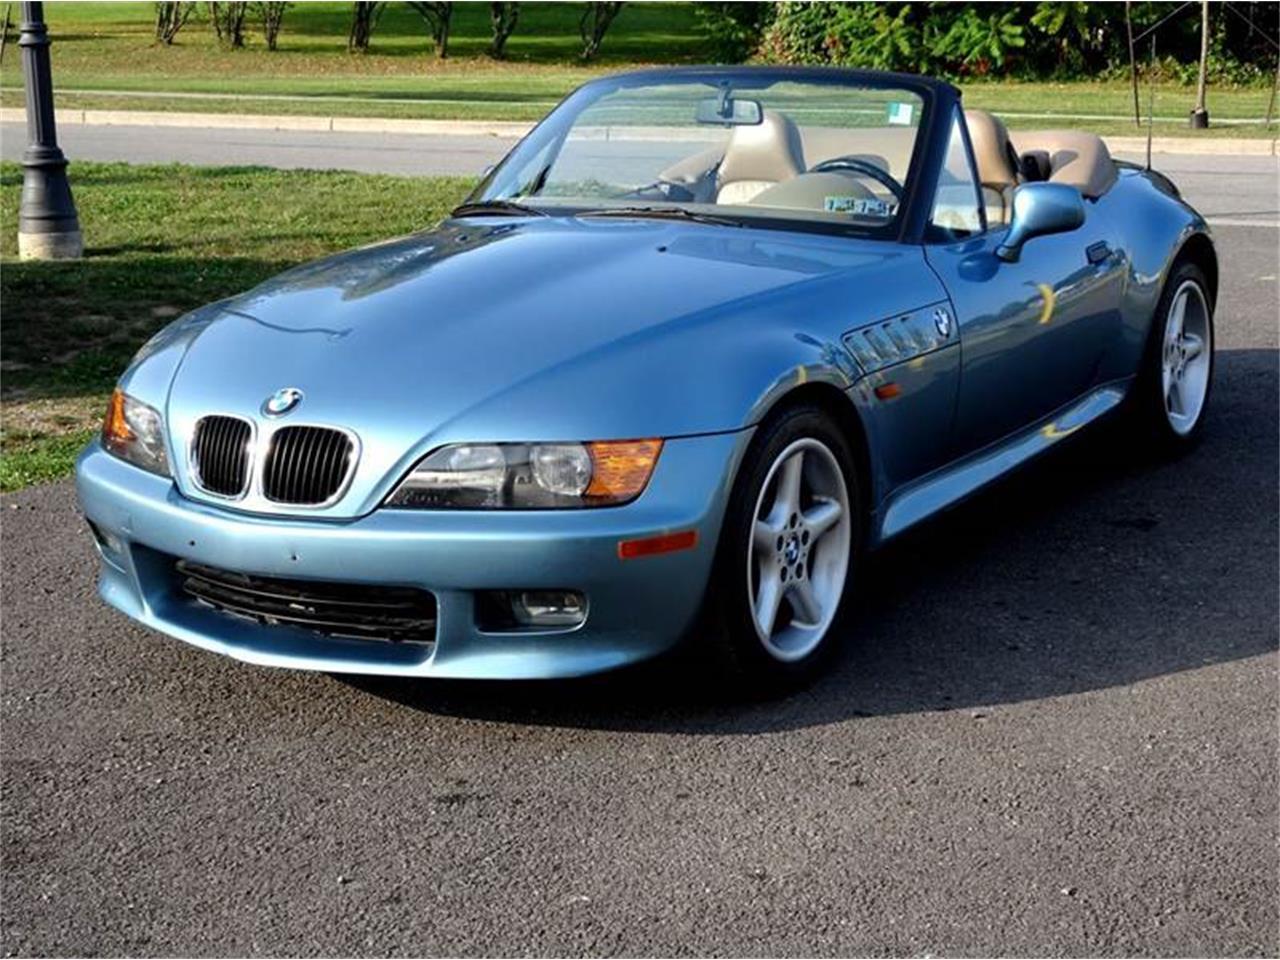 1997 Bmw Z3 For Sale Classiccars Com Cc 1022775